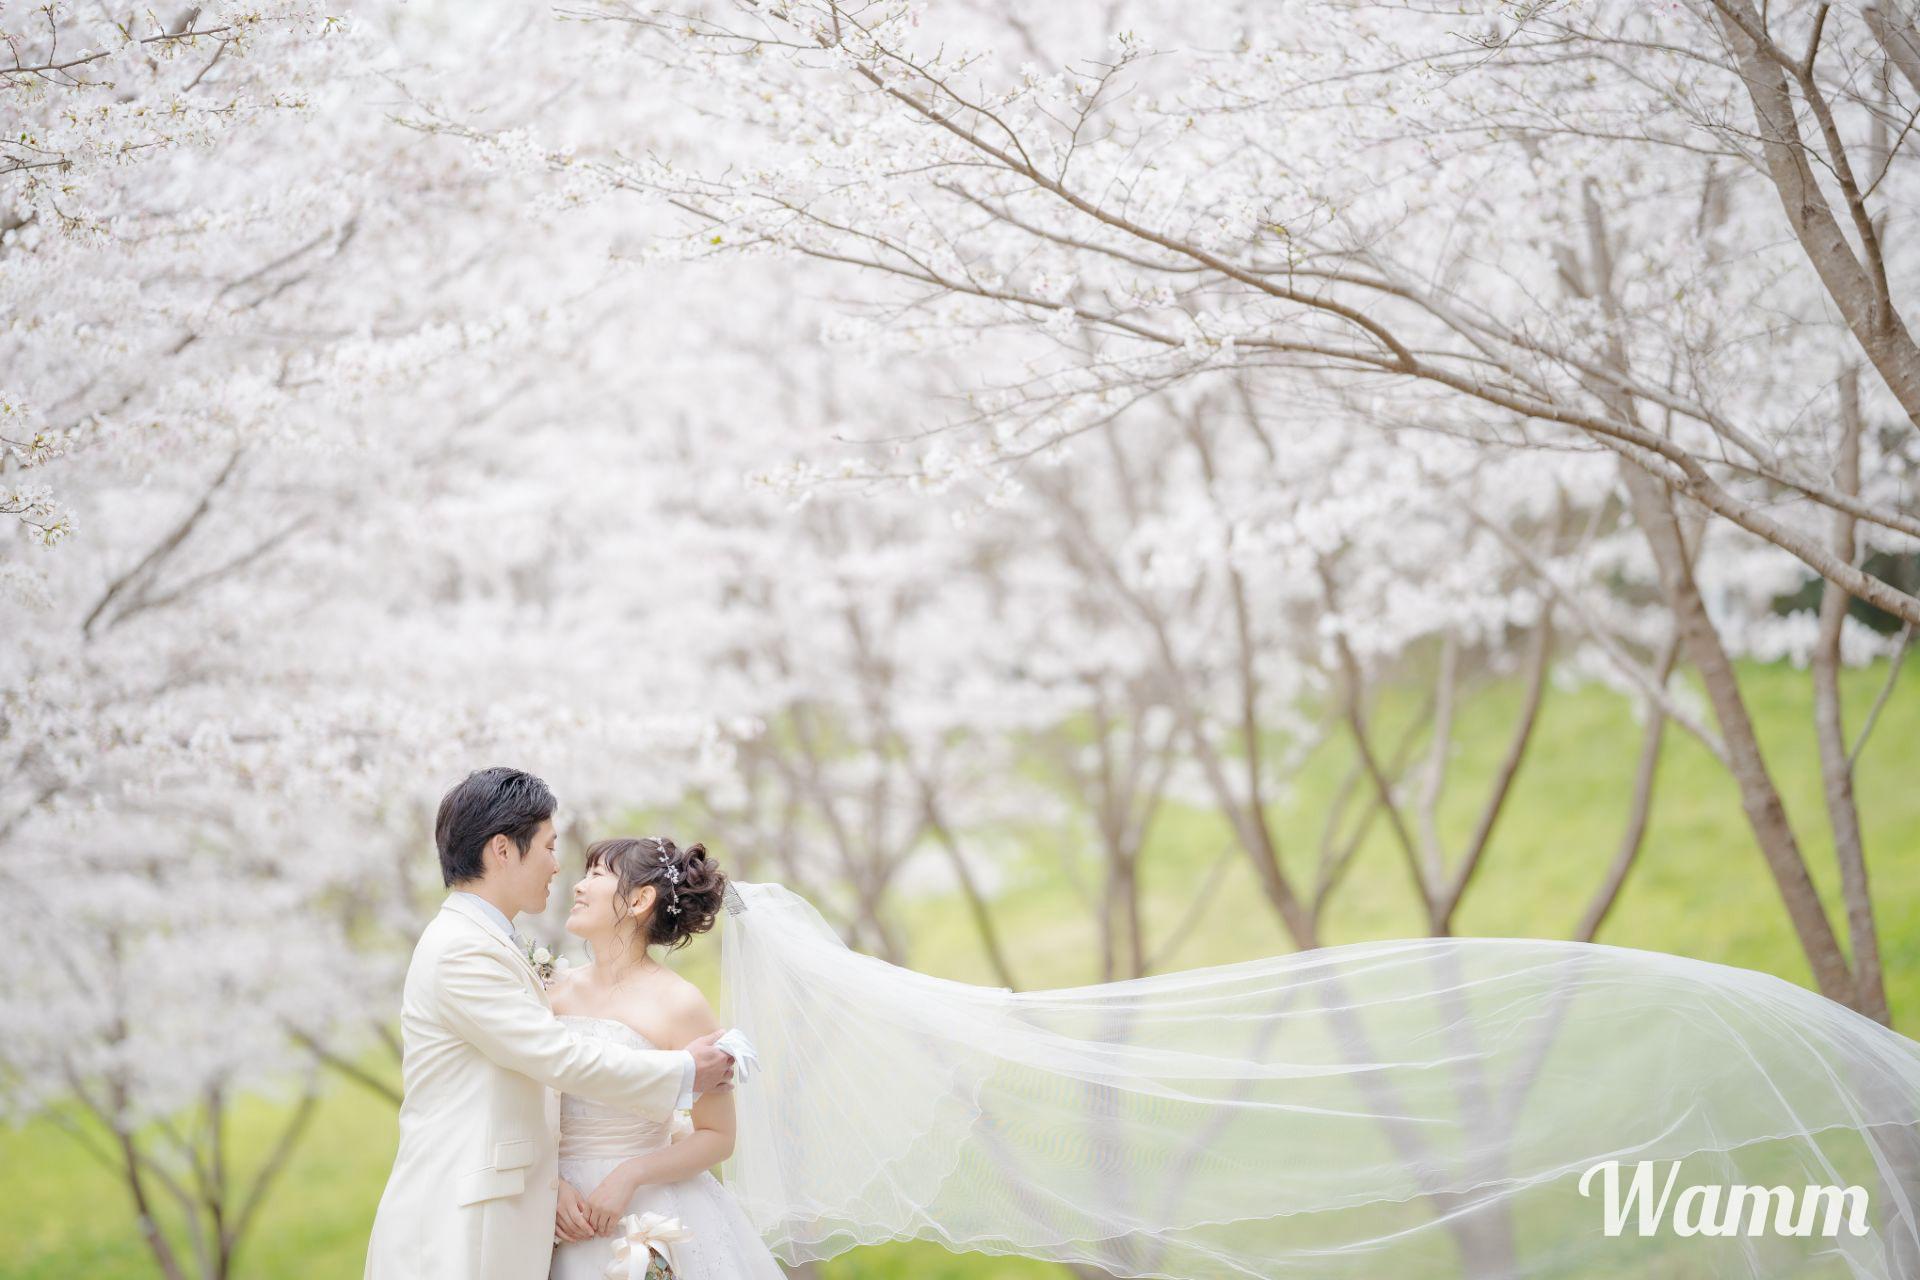 【浜松・都田総合公園】春はさくらにツツジ、夏は新緑、秋は紅葉 一年中撮影できる芝生の公園も魅力!